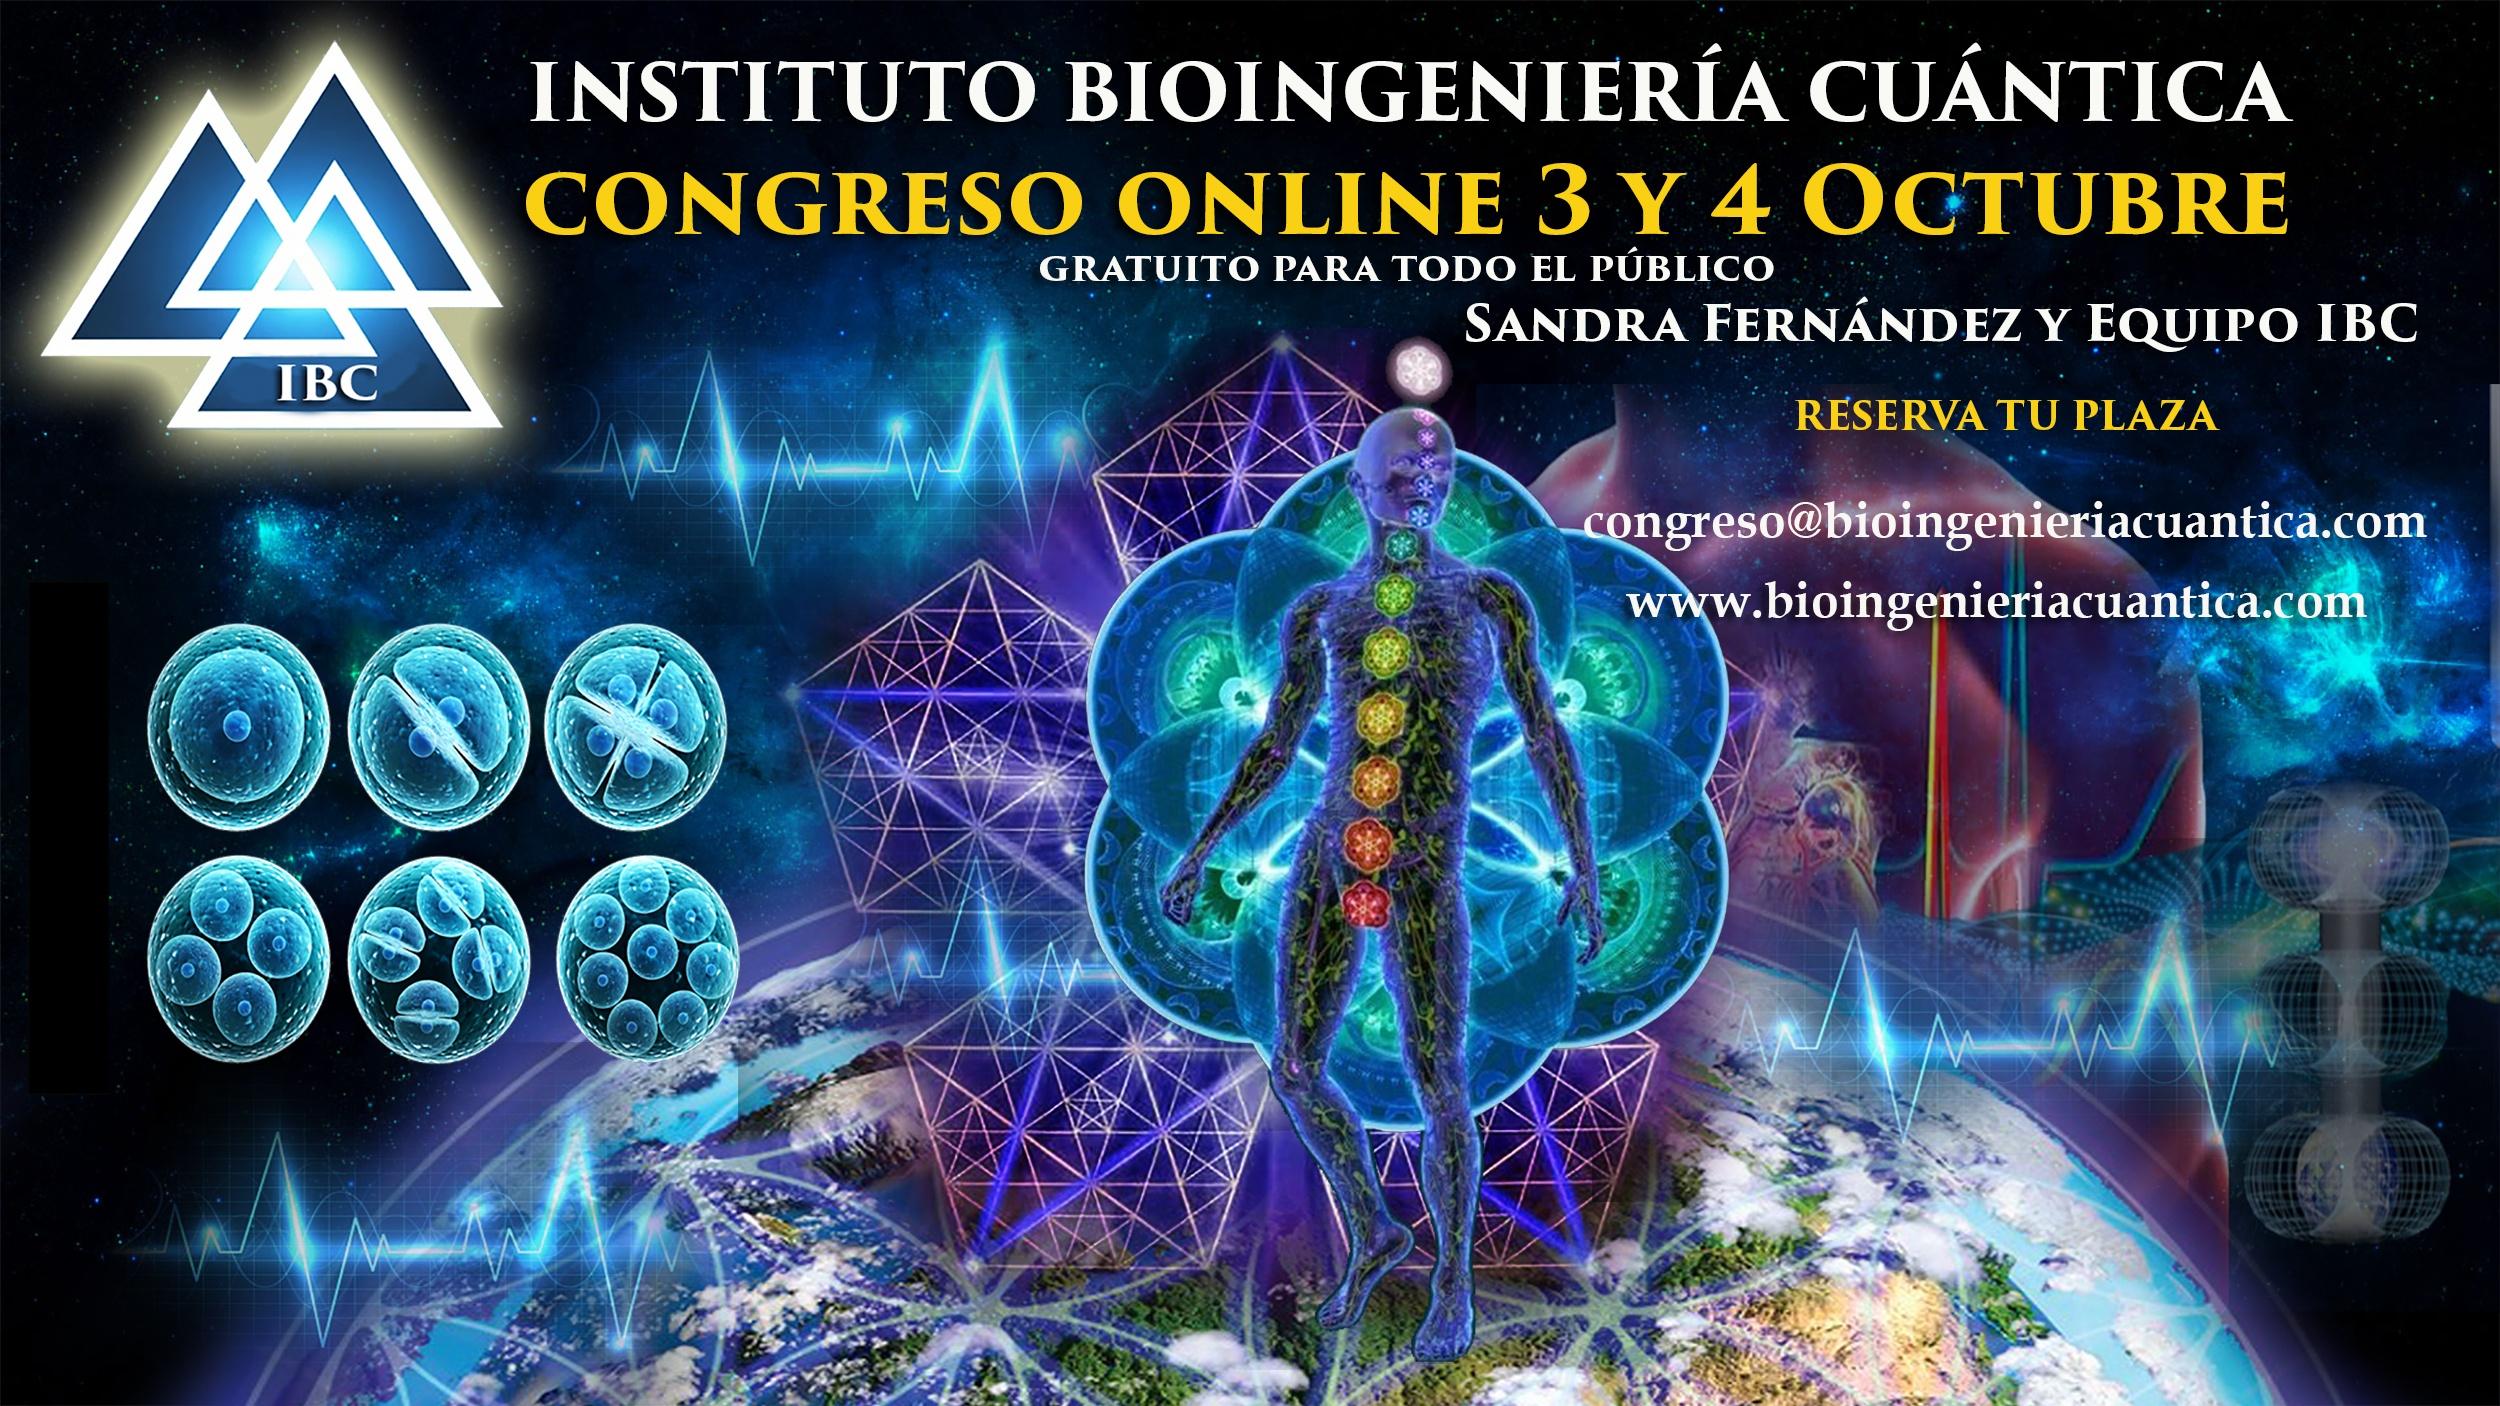 Congresos Internacionales IBC Formación Online 3 y 4 de octubre 2020 @ Formación Online